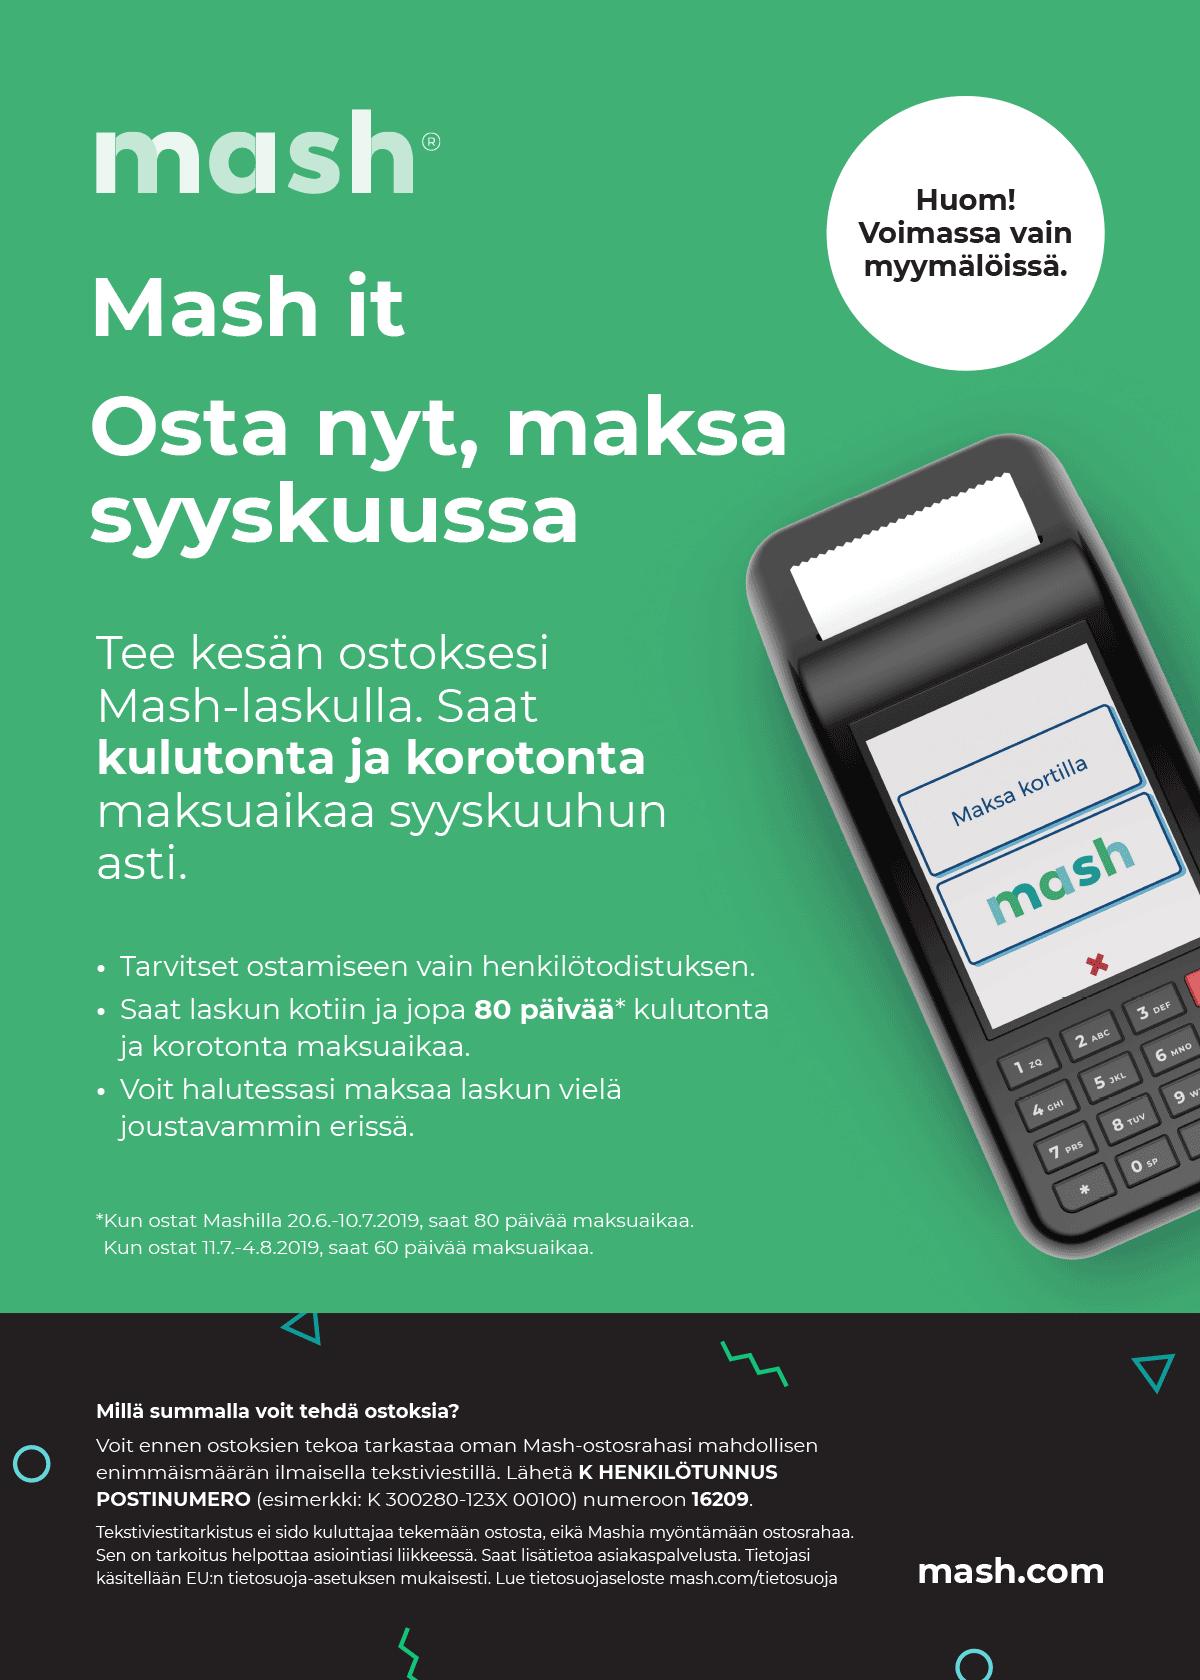 Mash kesäkampanja: Osta nyt, maksa syyskuussa!